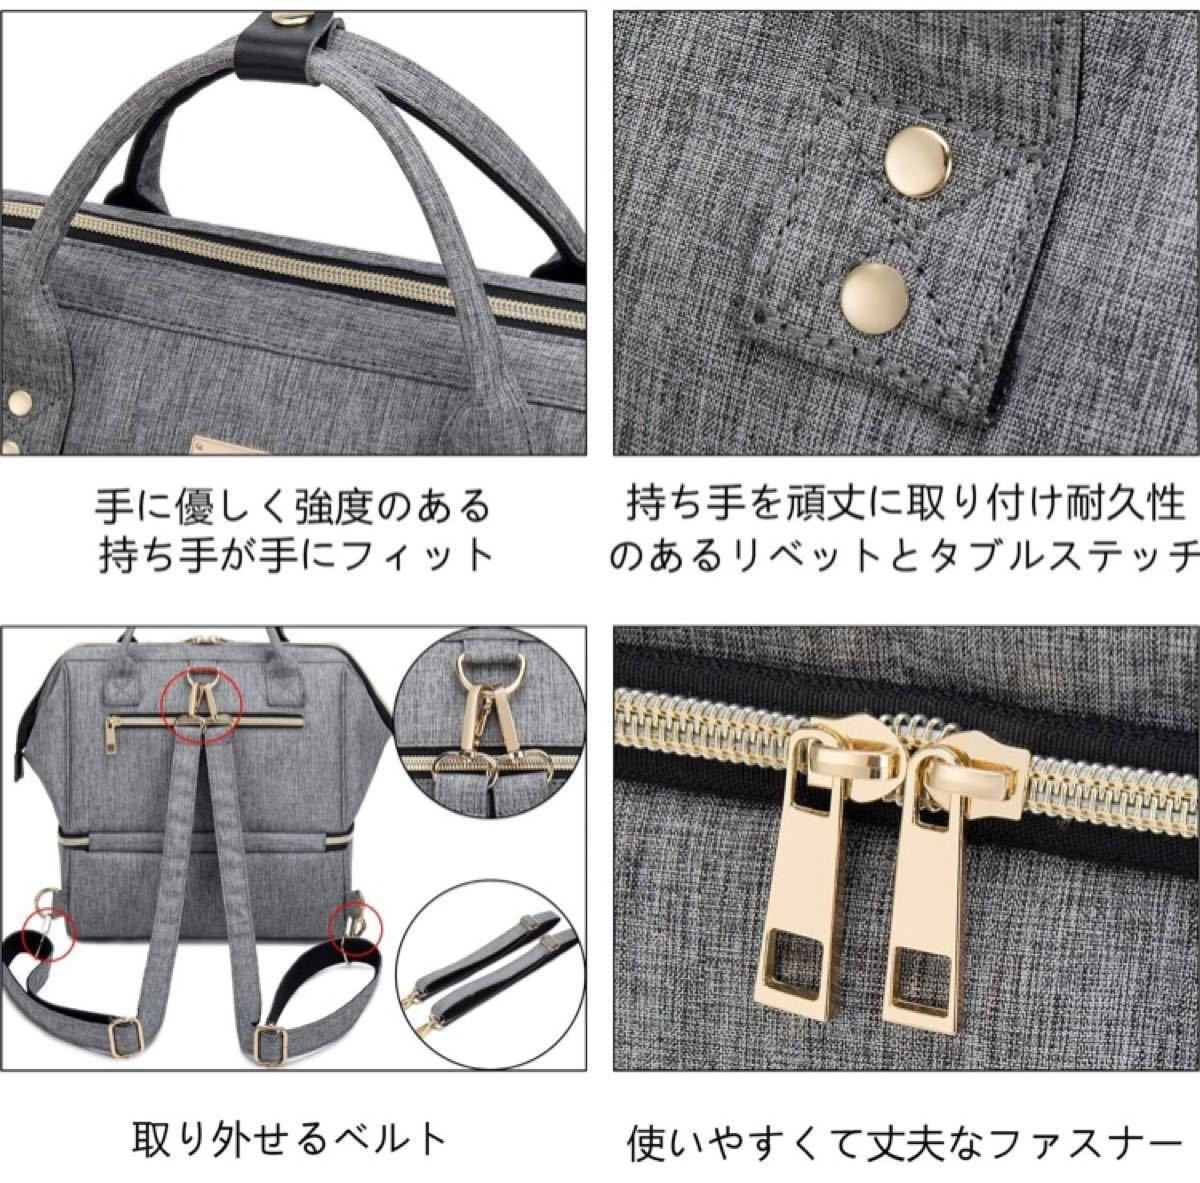 マザーズバッグ ランチバッグUSB充電ポート&保温ポケット付き マザーズリュック